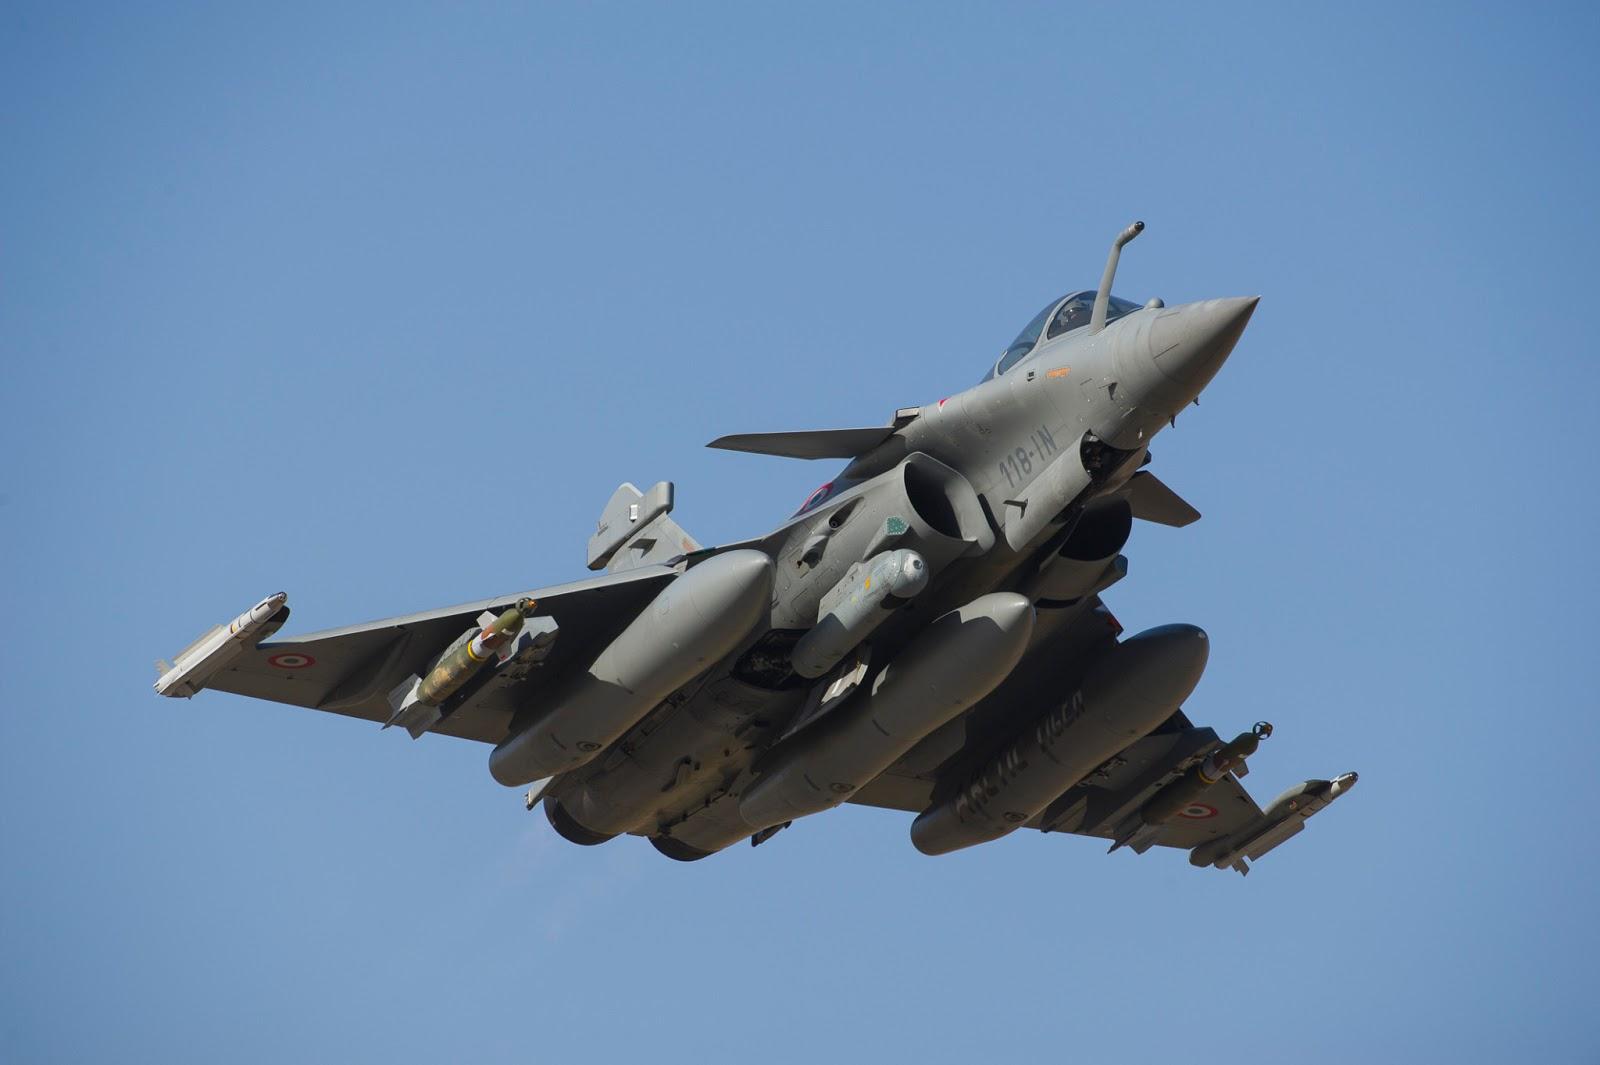 عاجل أكد رئيس الوزراء الهندي انه طلب من فرنسا لتزويد 36 رافال Rafale